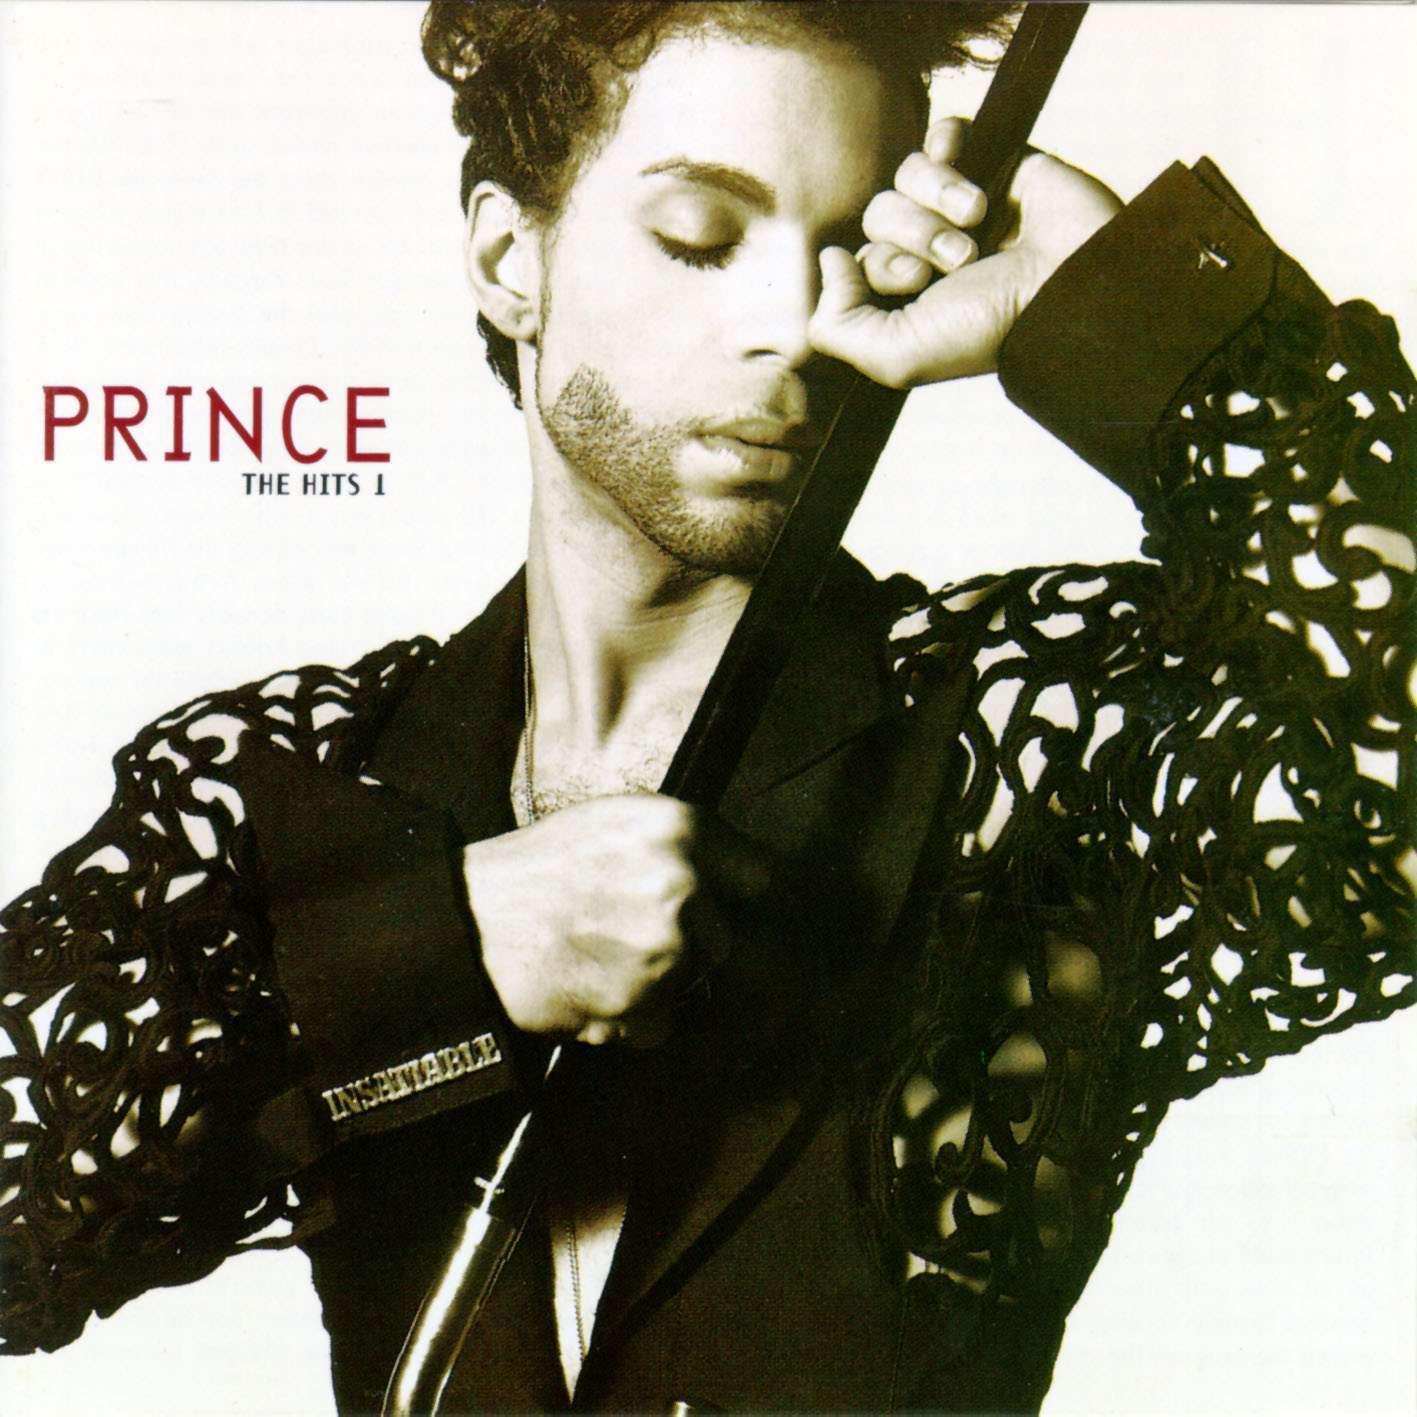 ARTIST OF THE WEEK: Prince